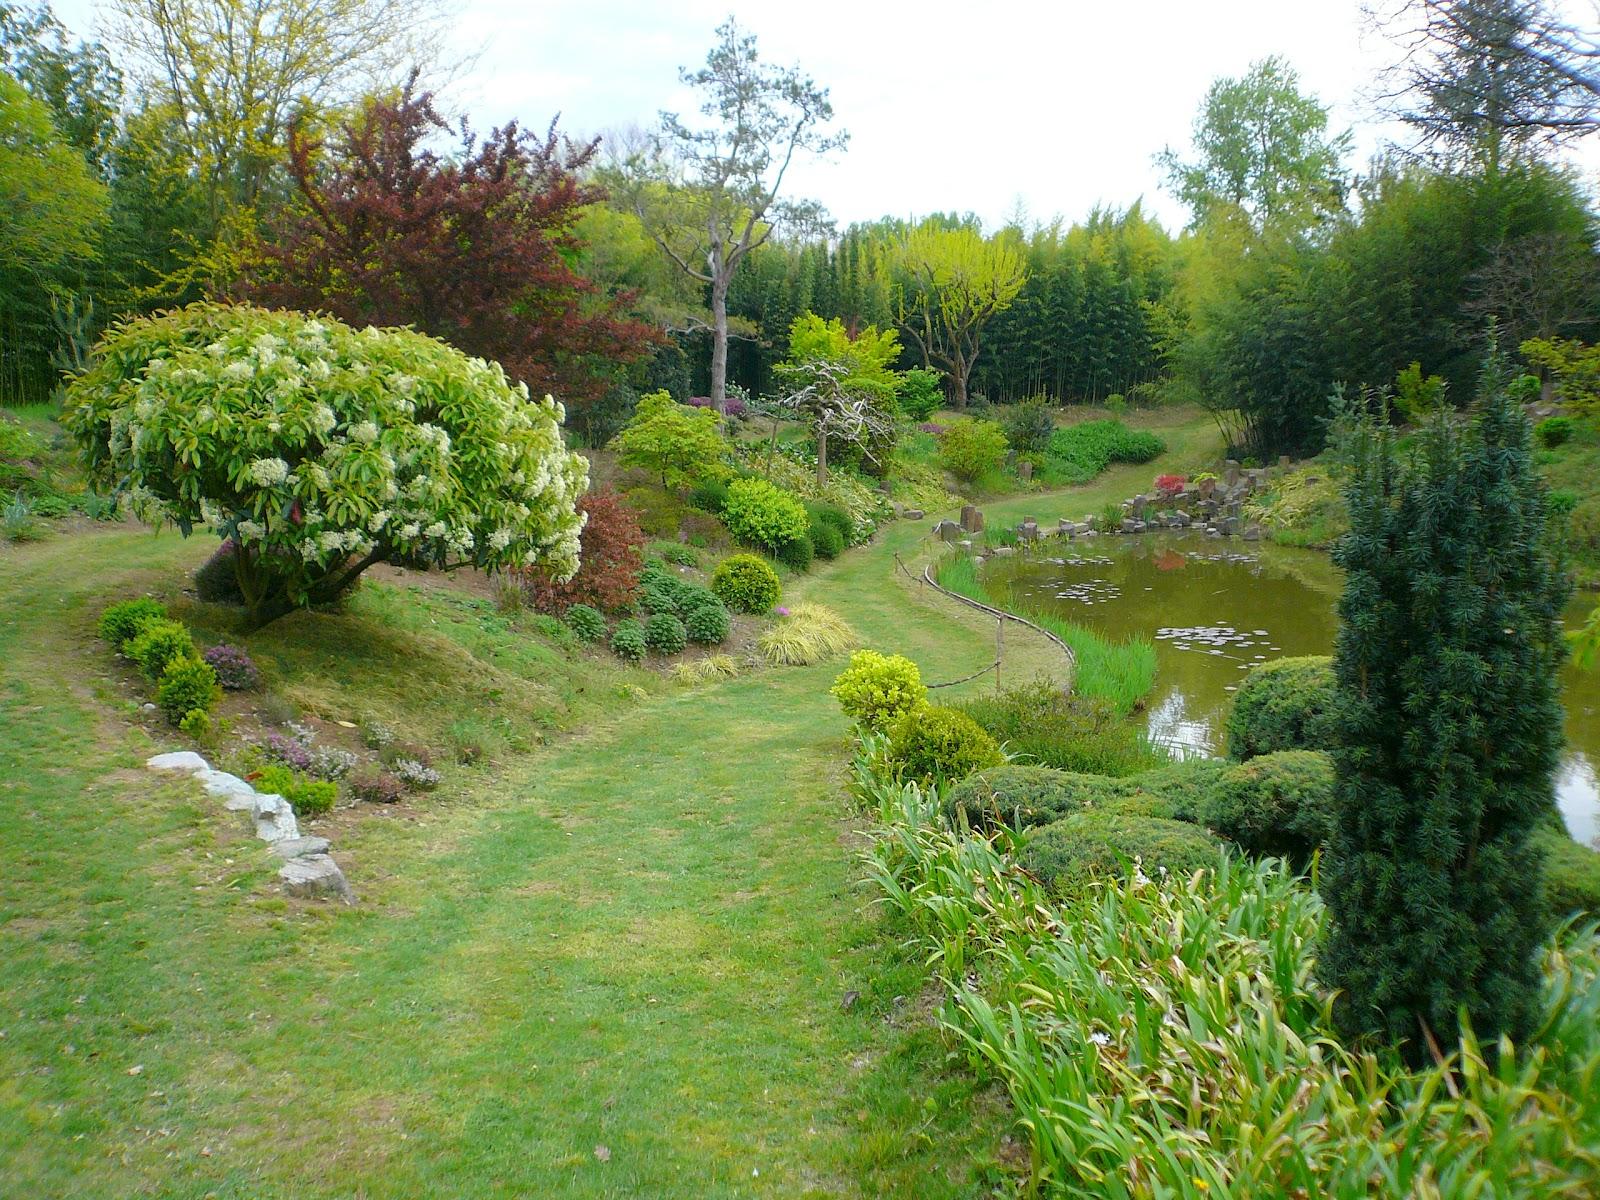 Ecrire chanter et voyager un jardin extraordinaire for Jardin extraordinaire